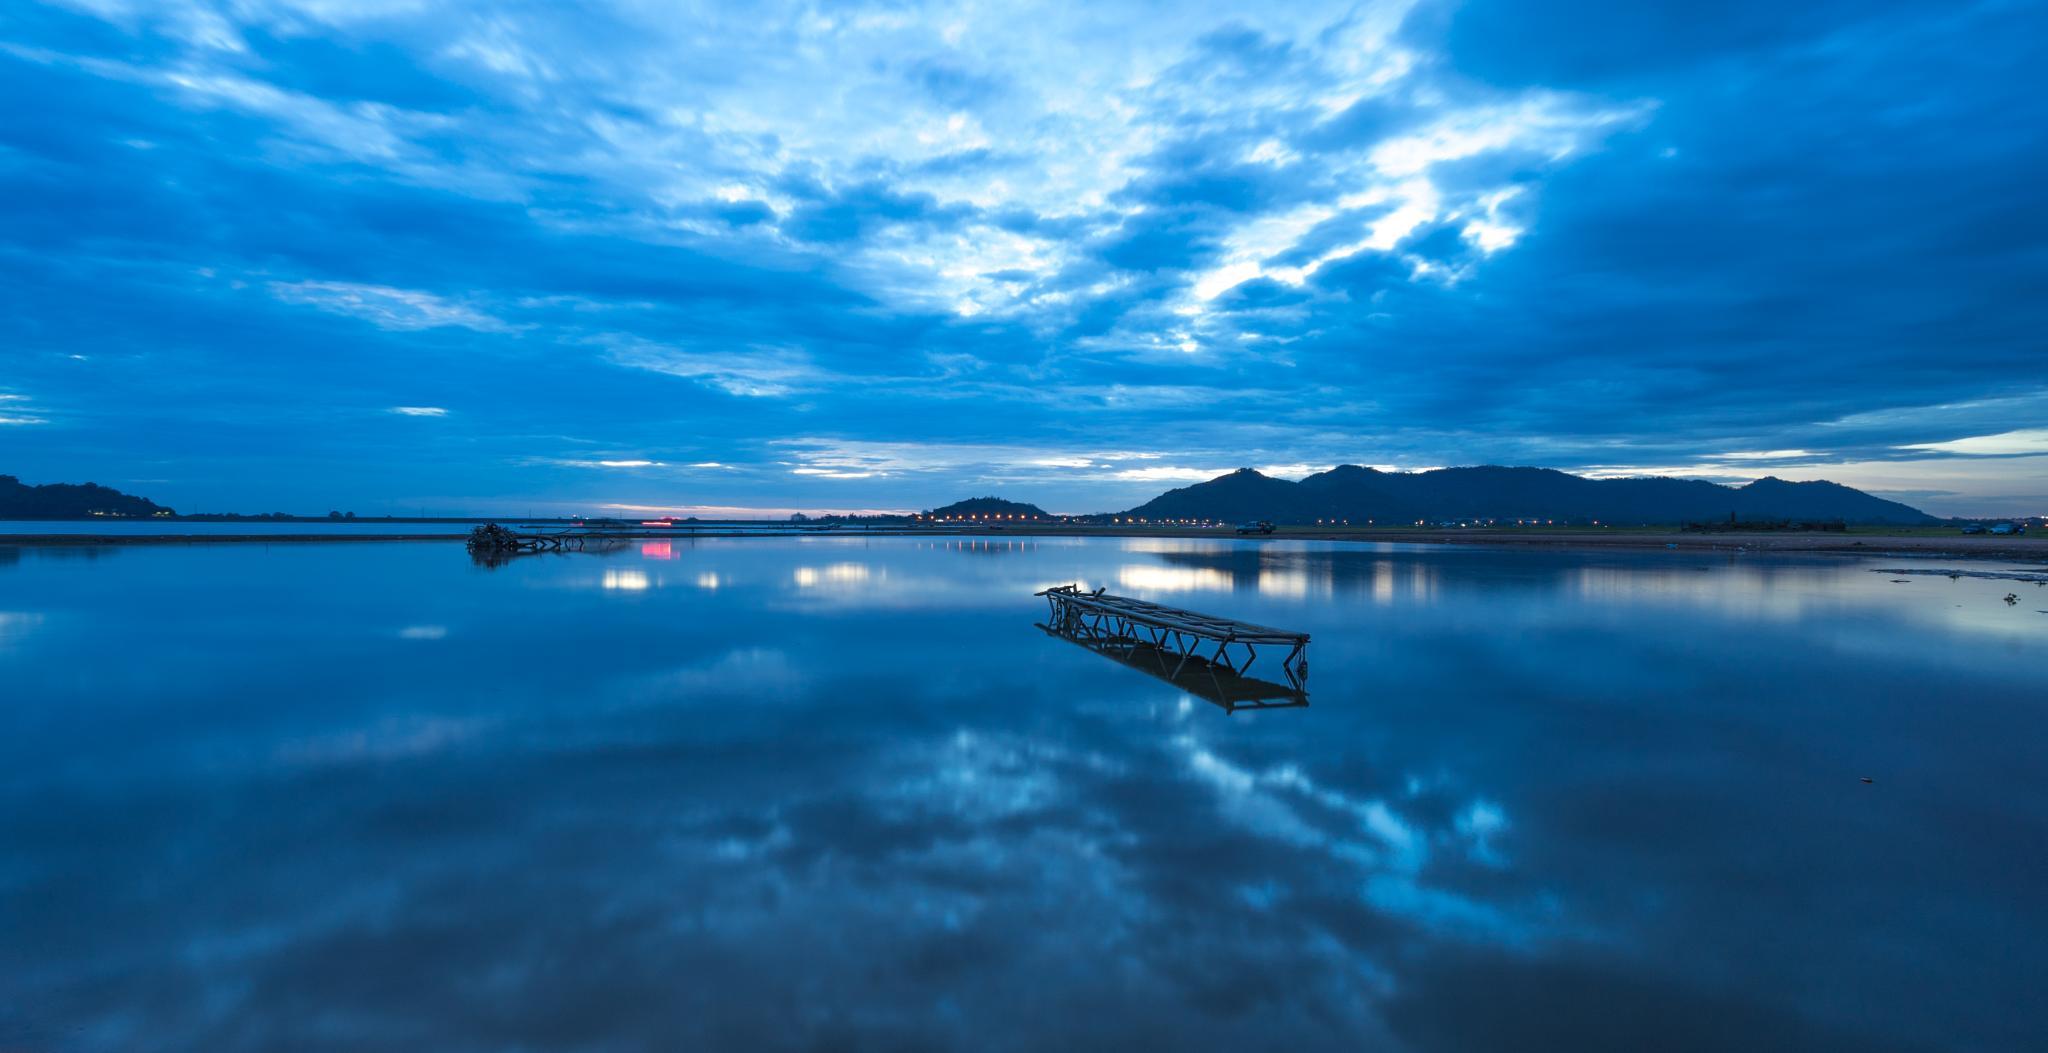 Bang Phra Reservoir by praphab